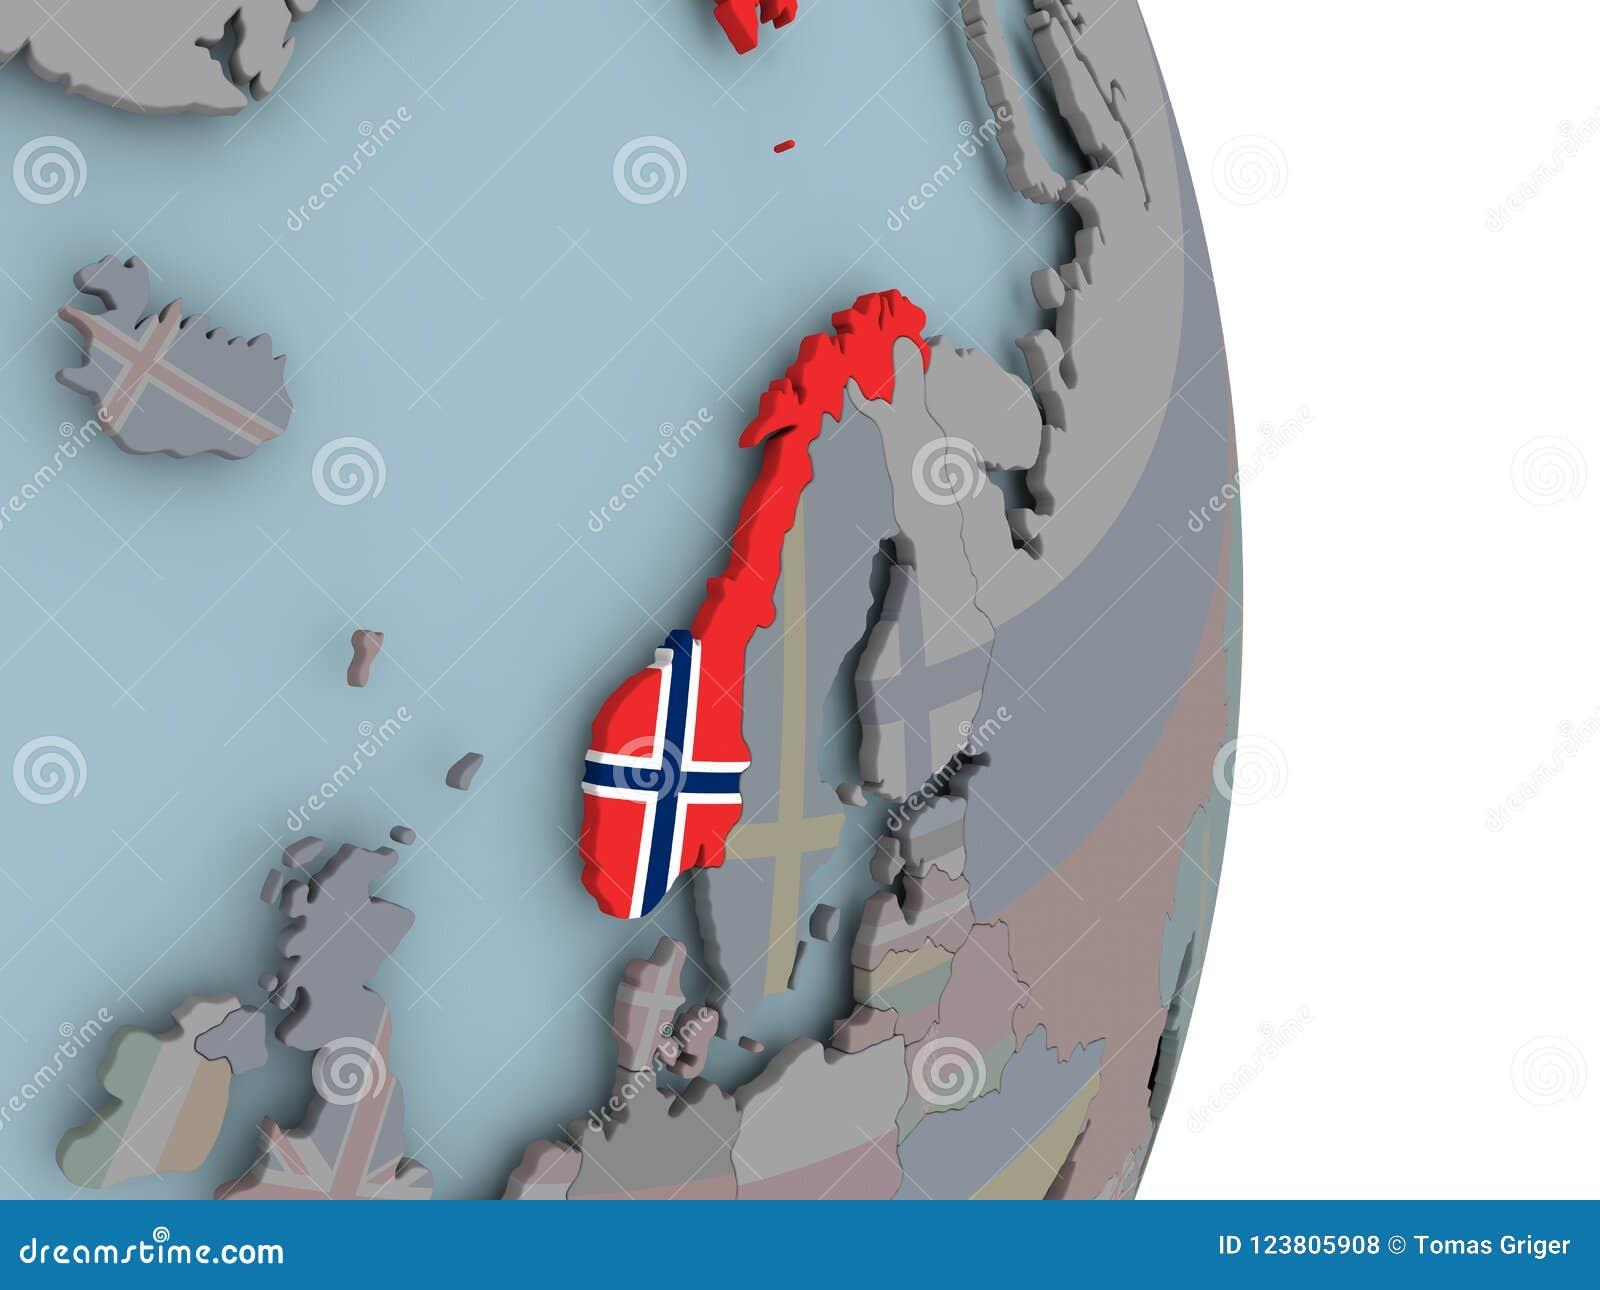 Cartina Politica Norvegia.Mappa Della Norvegia Sul Globo Politico Con La Bandiera Illustrazione Di Stock Illustrazione Di Norvegia Simbolo 123805908